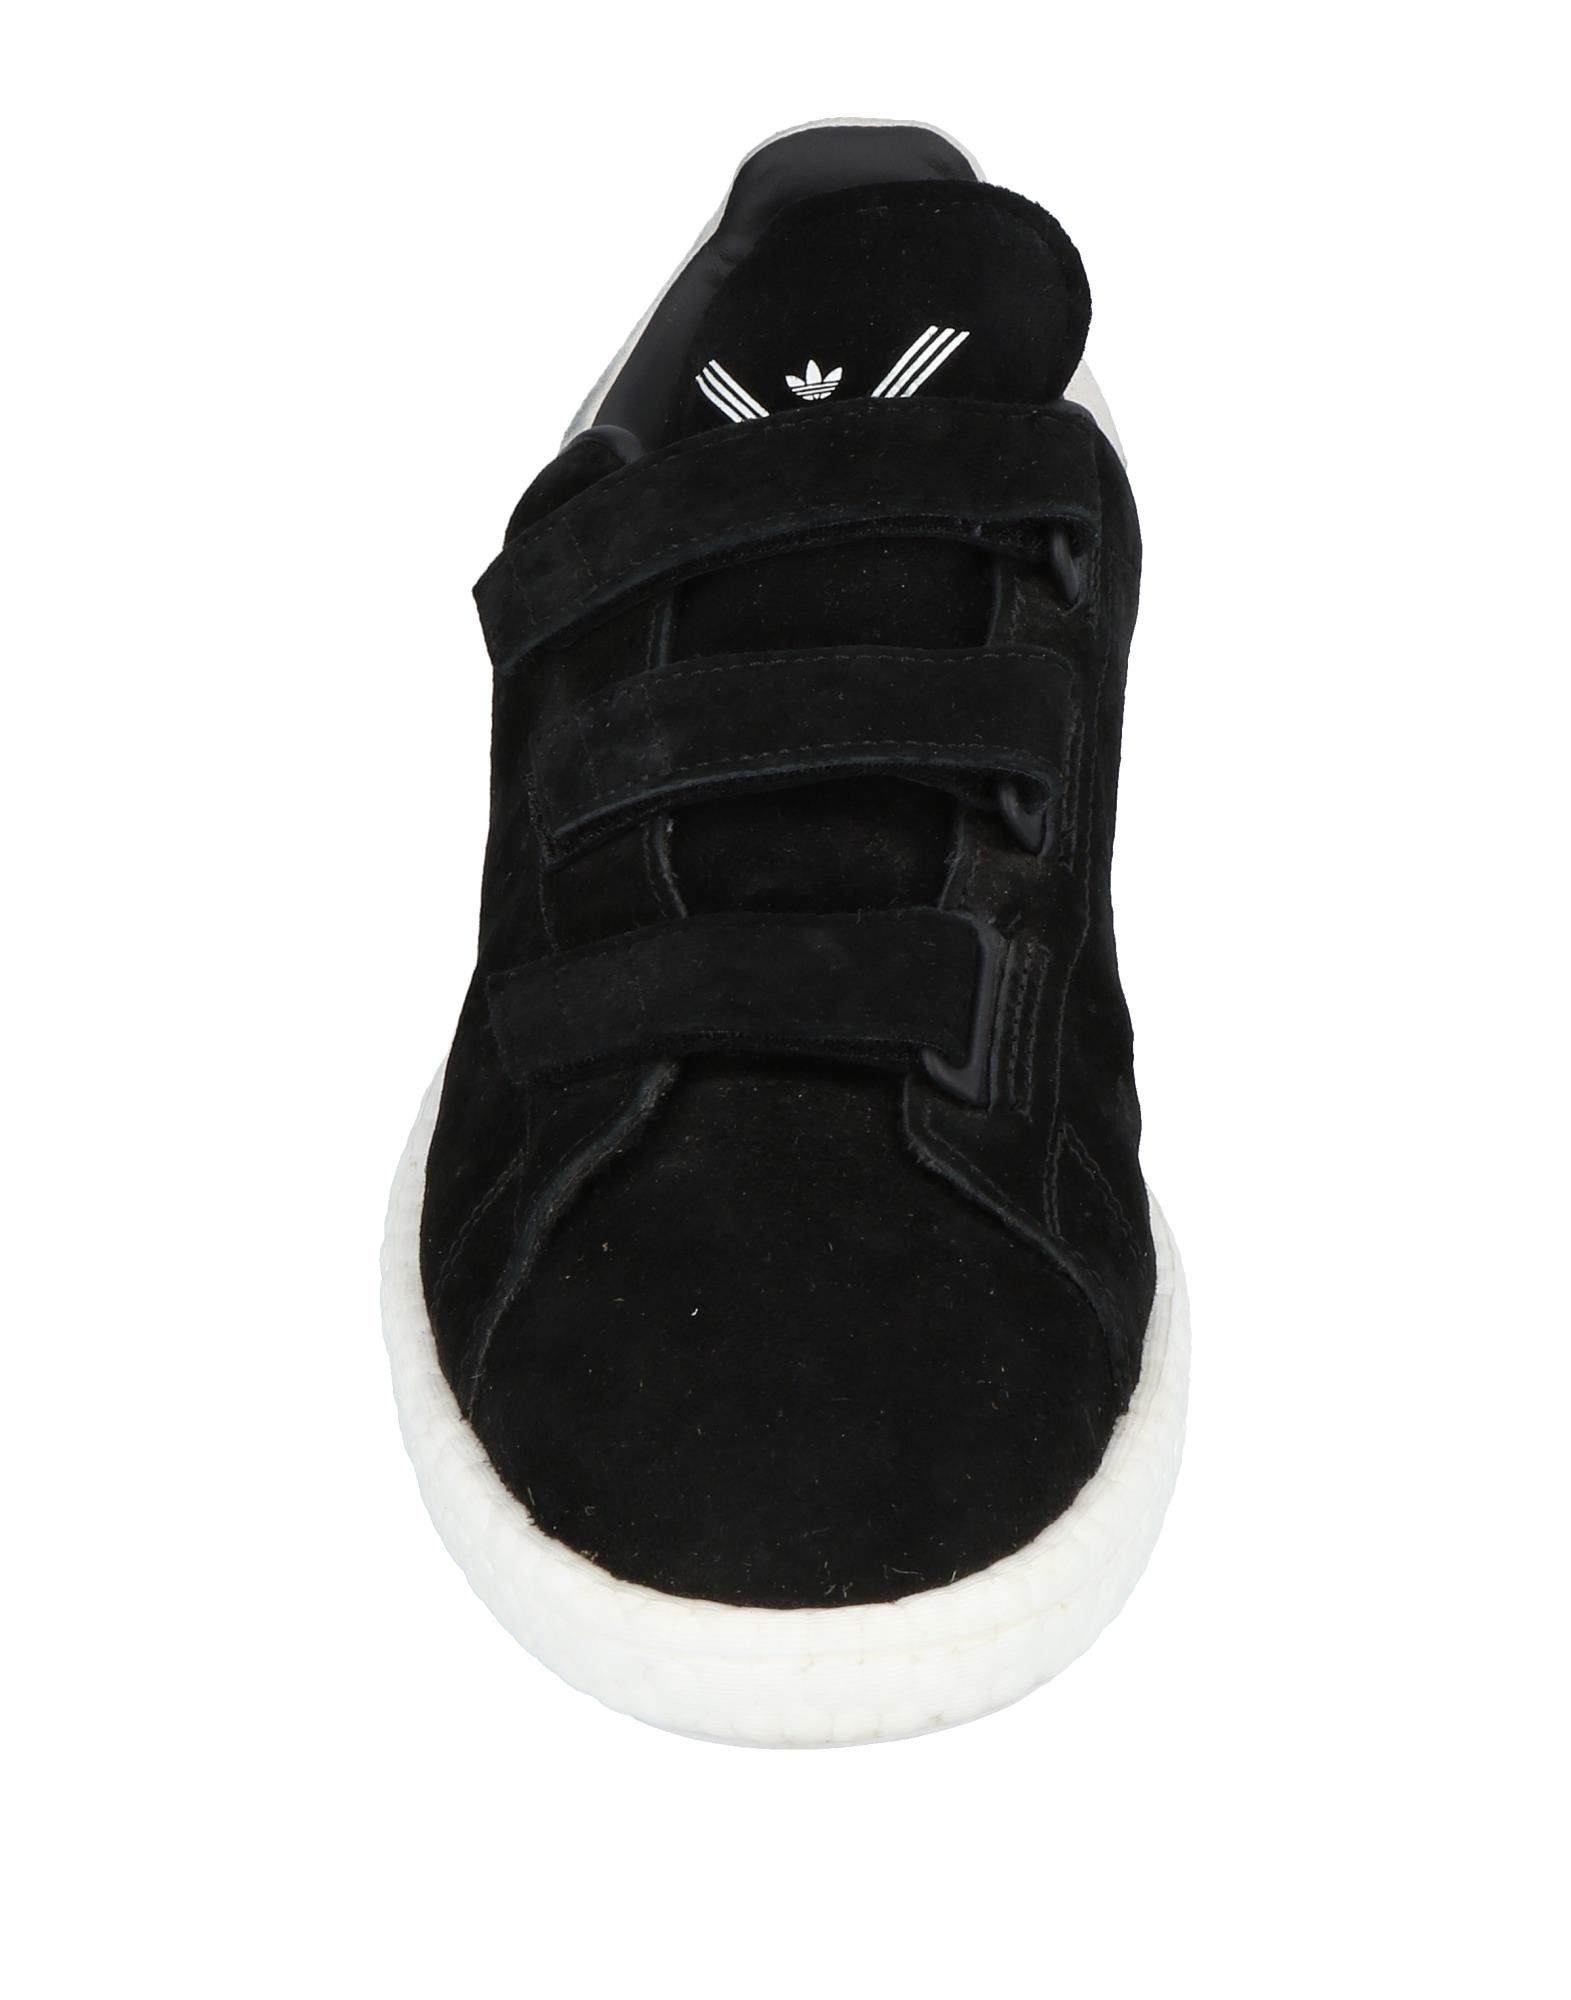 Rabatt echte Schuhe Adidas Originals By White Mountaineering Sneakers Sneakers Sneakers Herren  11469030KW 0989c4